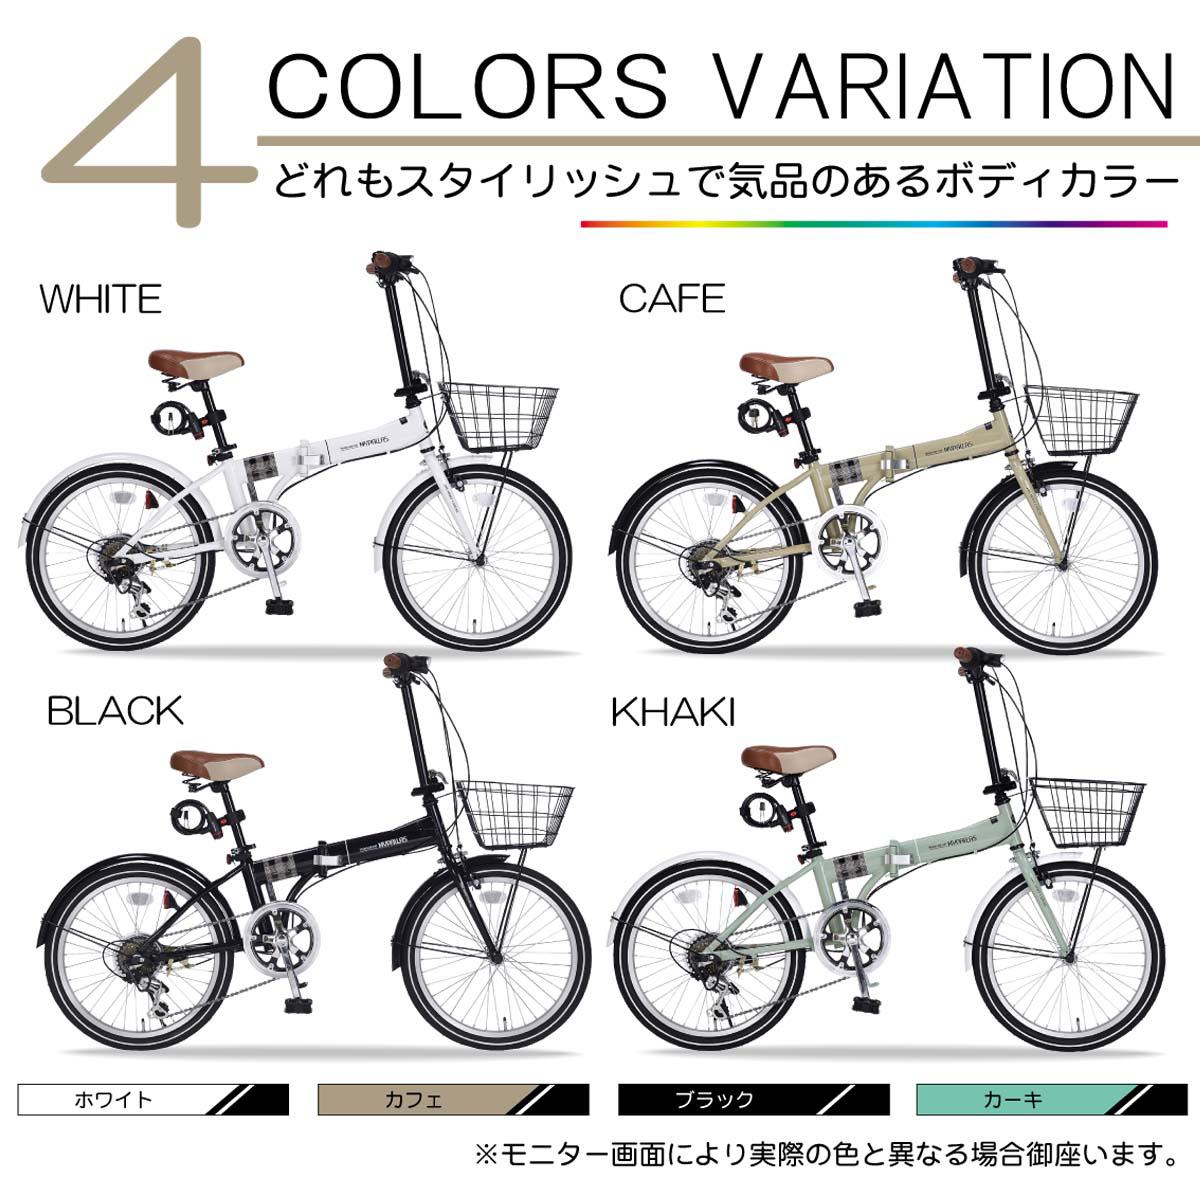 折りたたみ自転車 池商 マイパラス MF206 NOEL(W) ホワイト 20インチ